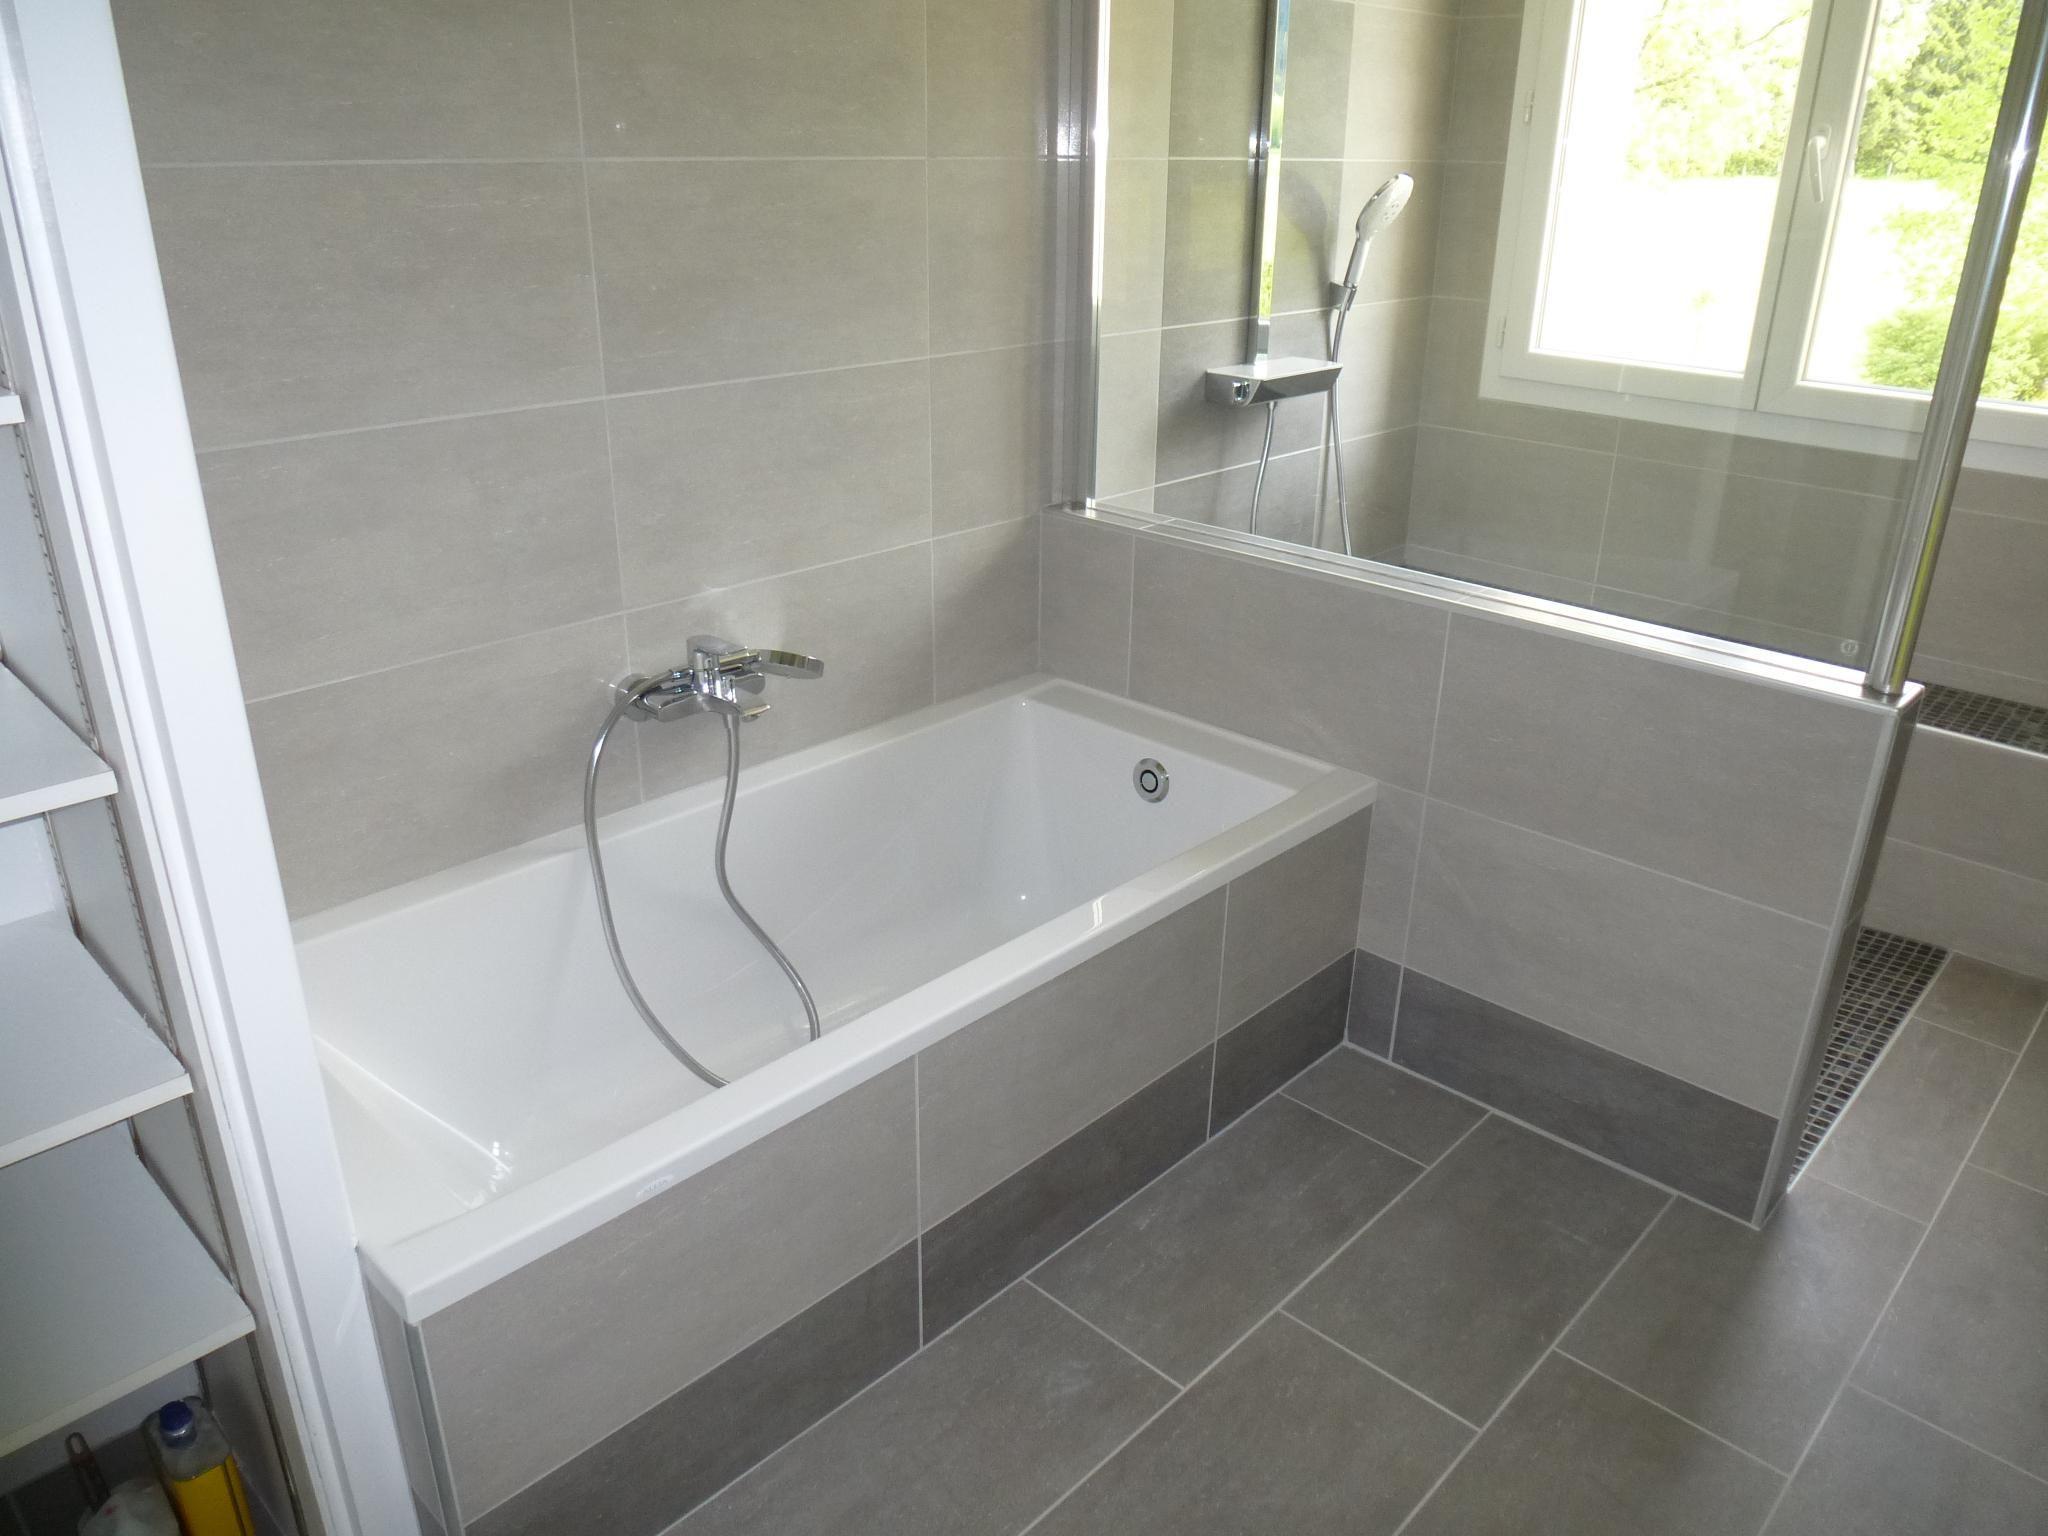 La maison de la pose douvre christian jura salle de - Transformer une baignoire en douche ...